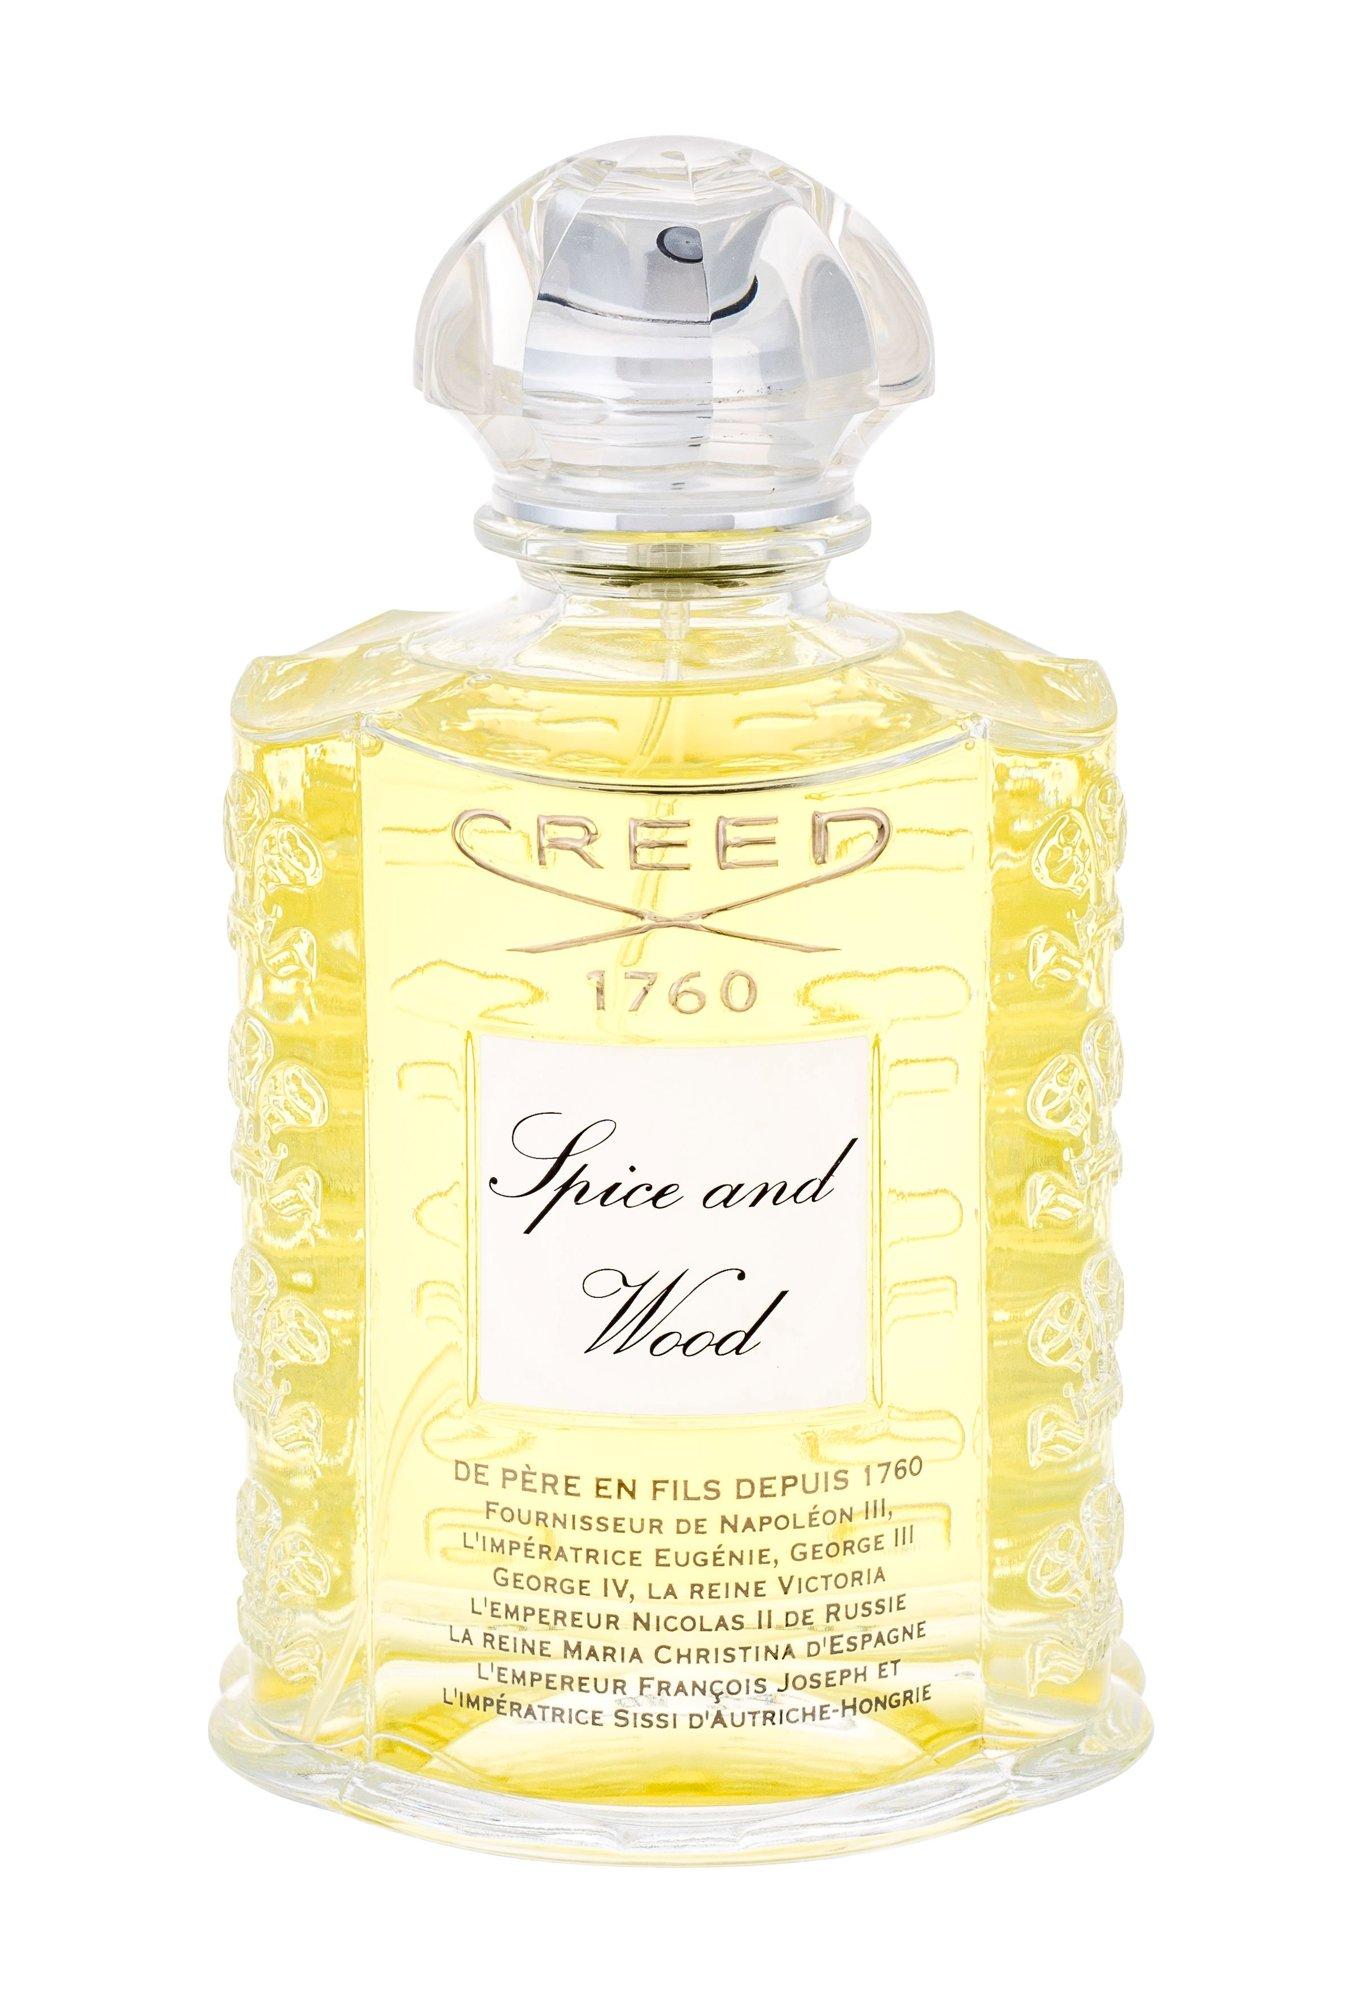 Creed Les Royales Exclusives Eau de Parfum 250ml  Spice and Wood